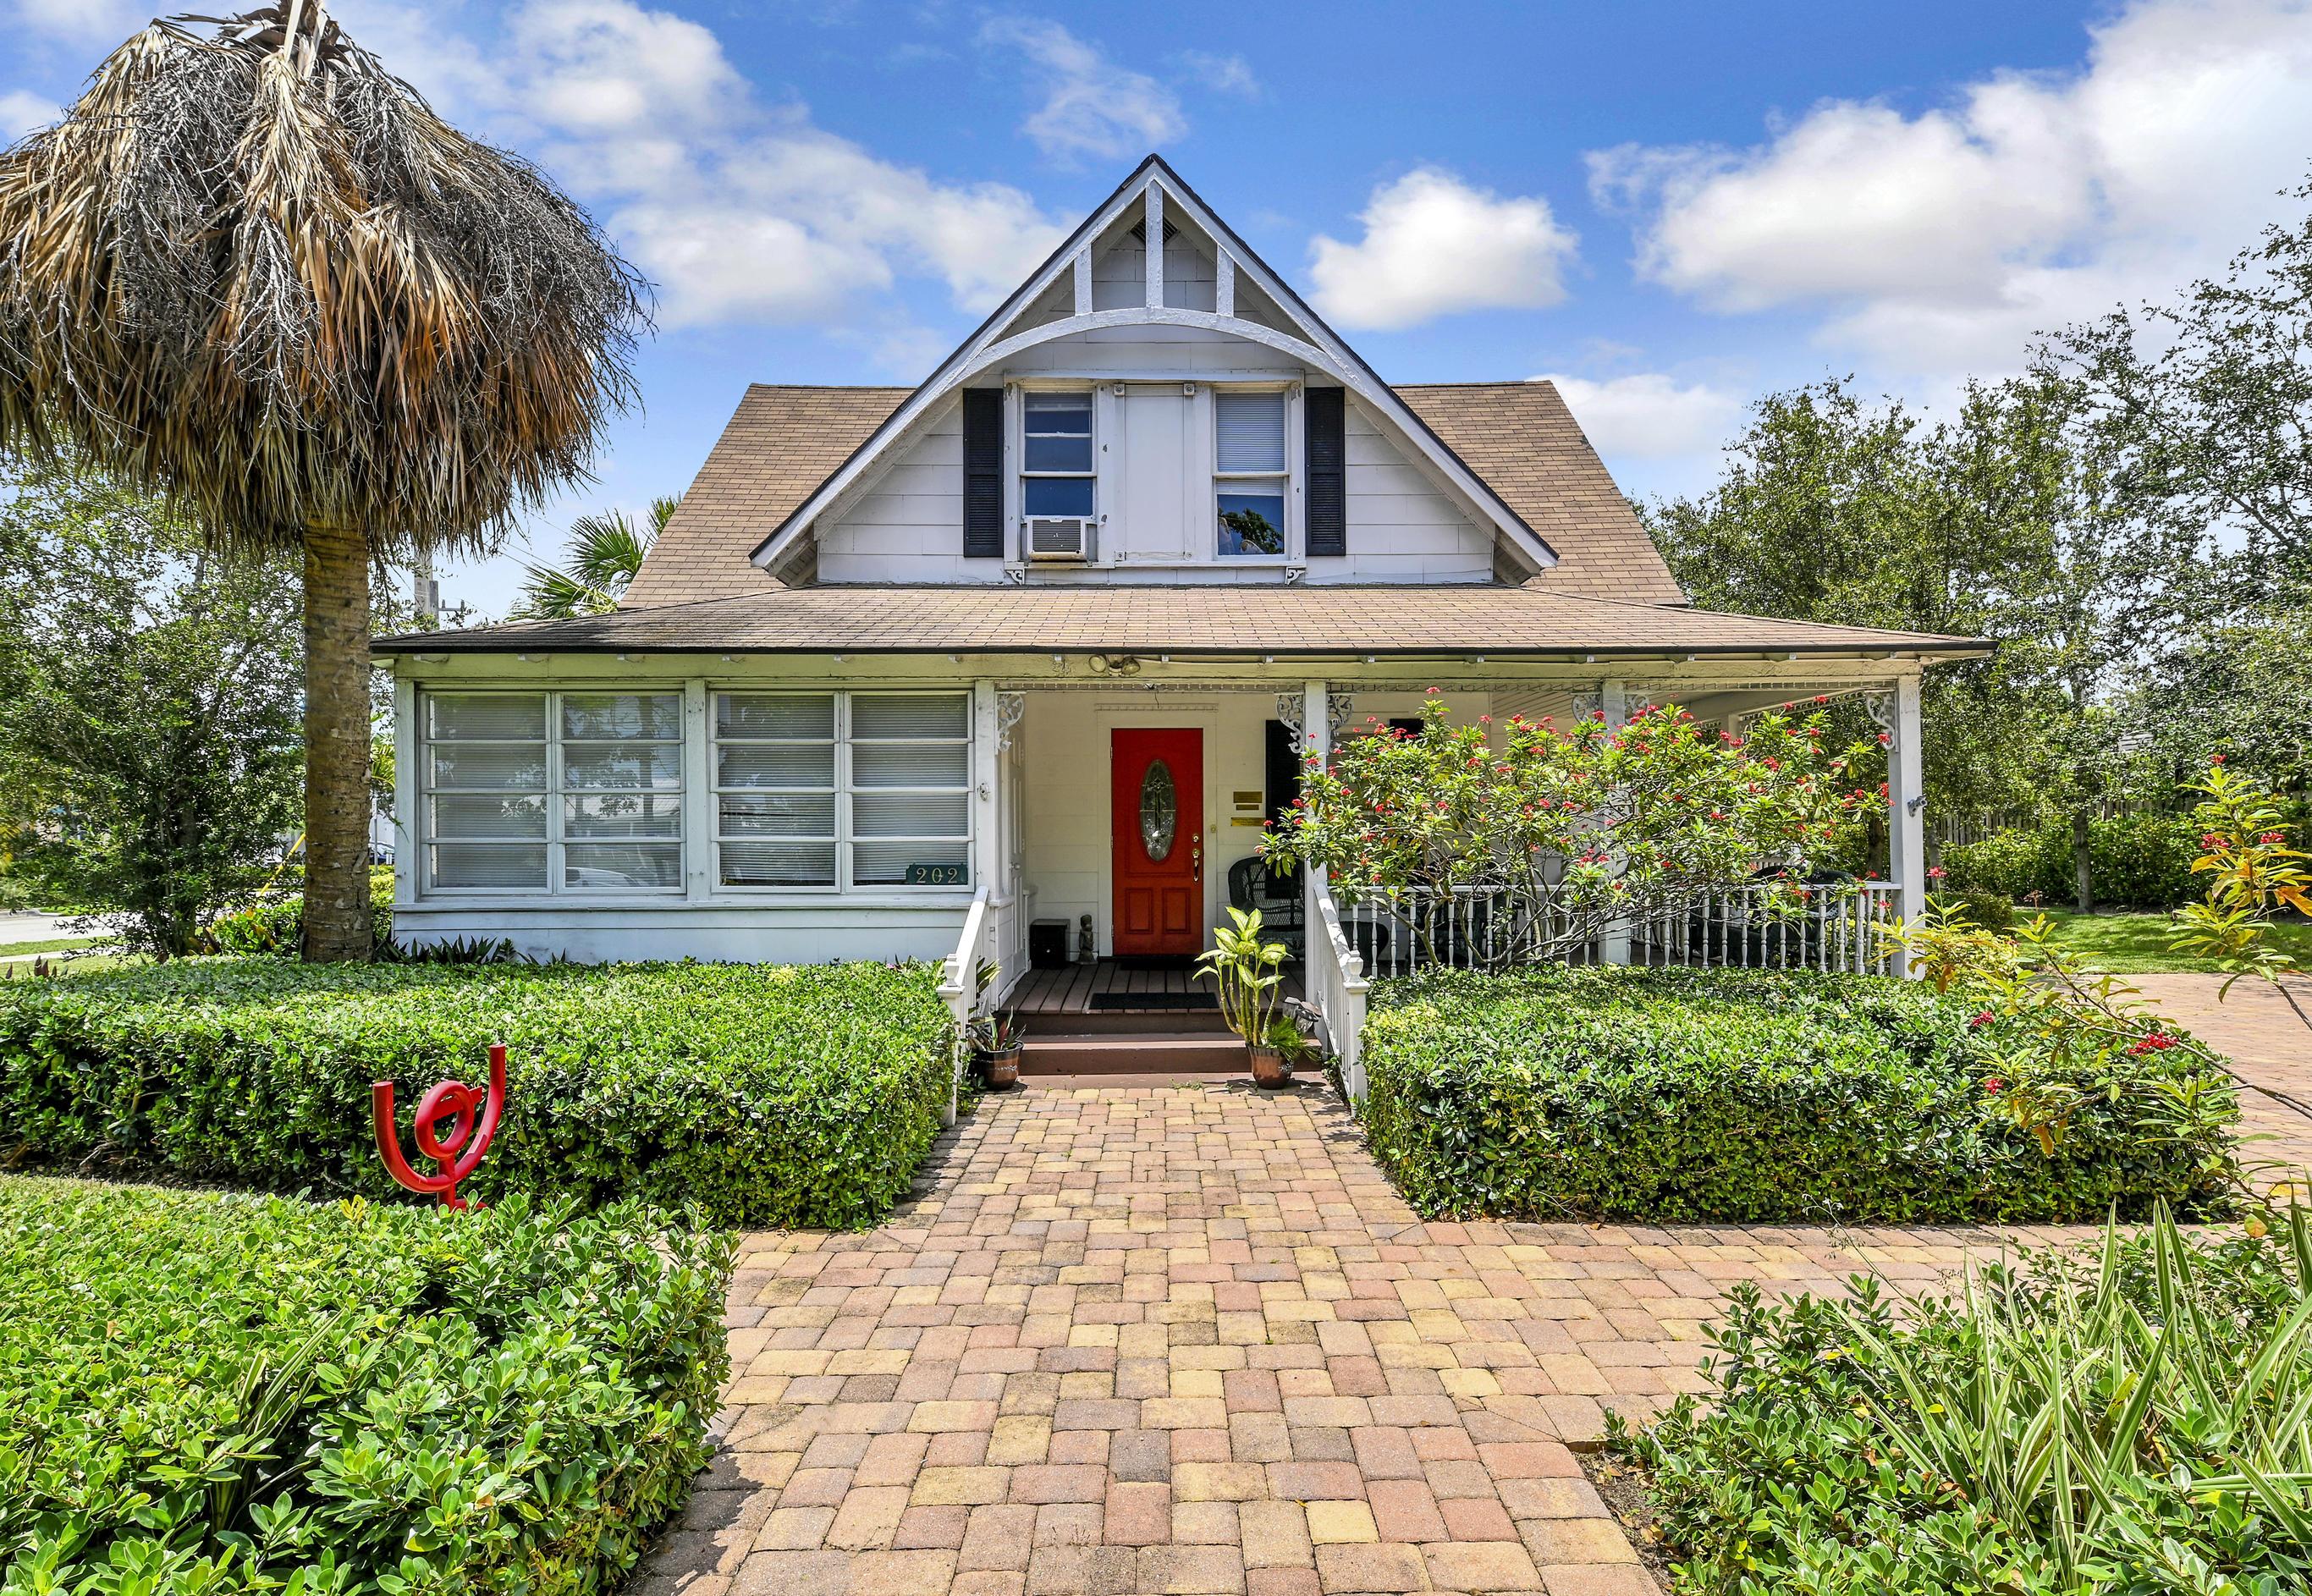 202 Swinton Avenue,Delray Beach,Florida 33444,Commercial industrial,Swinton,RX-10733664